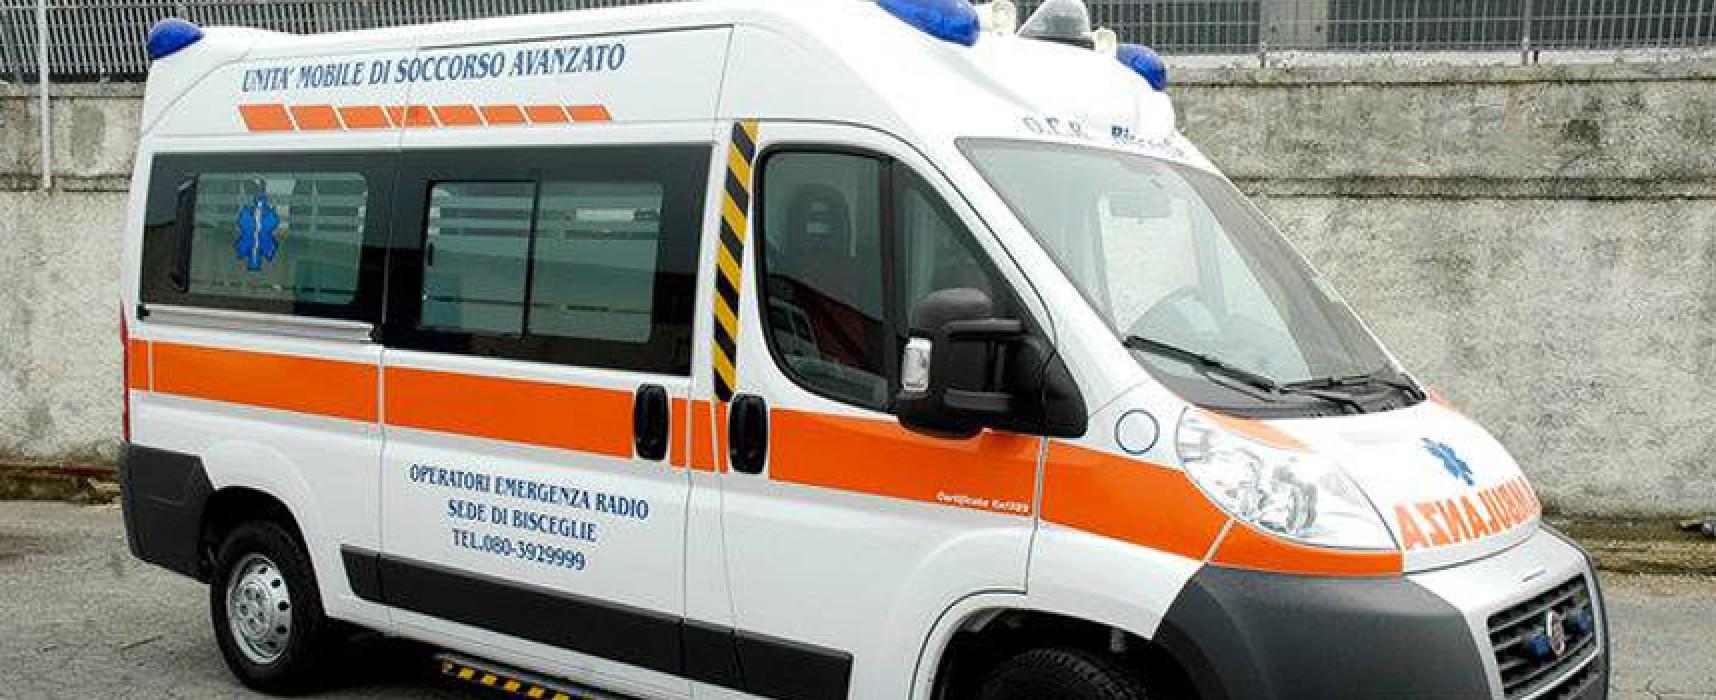 Due donne investite in via prof. Mauro Terlizzi, trasportate al pronto soccorso